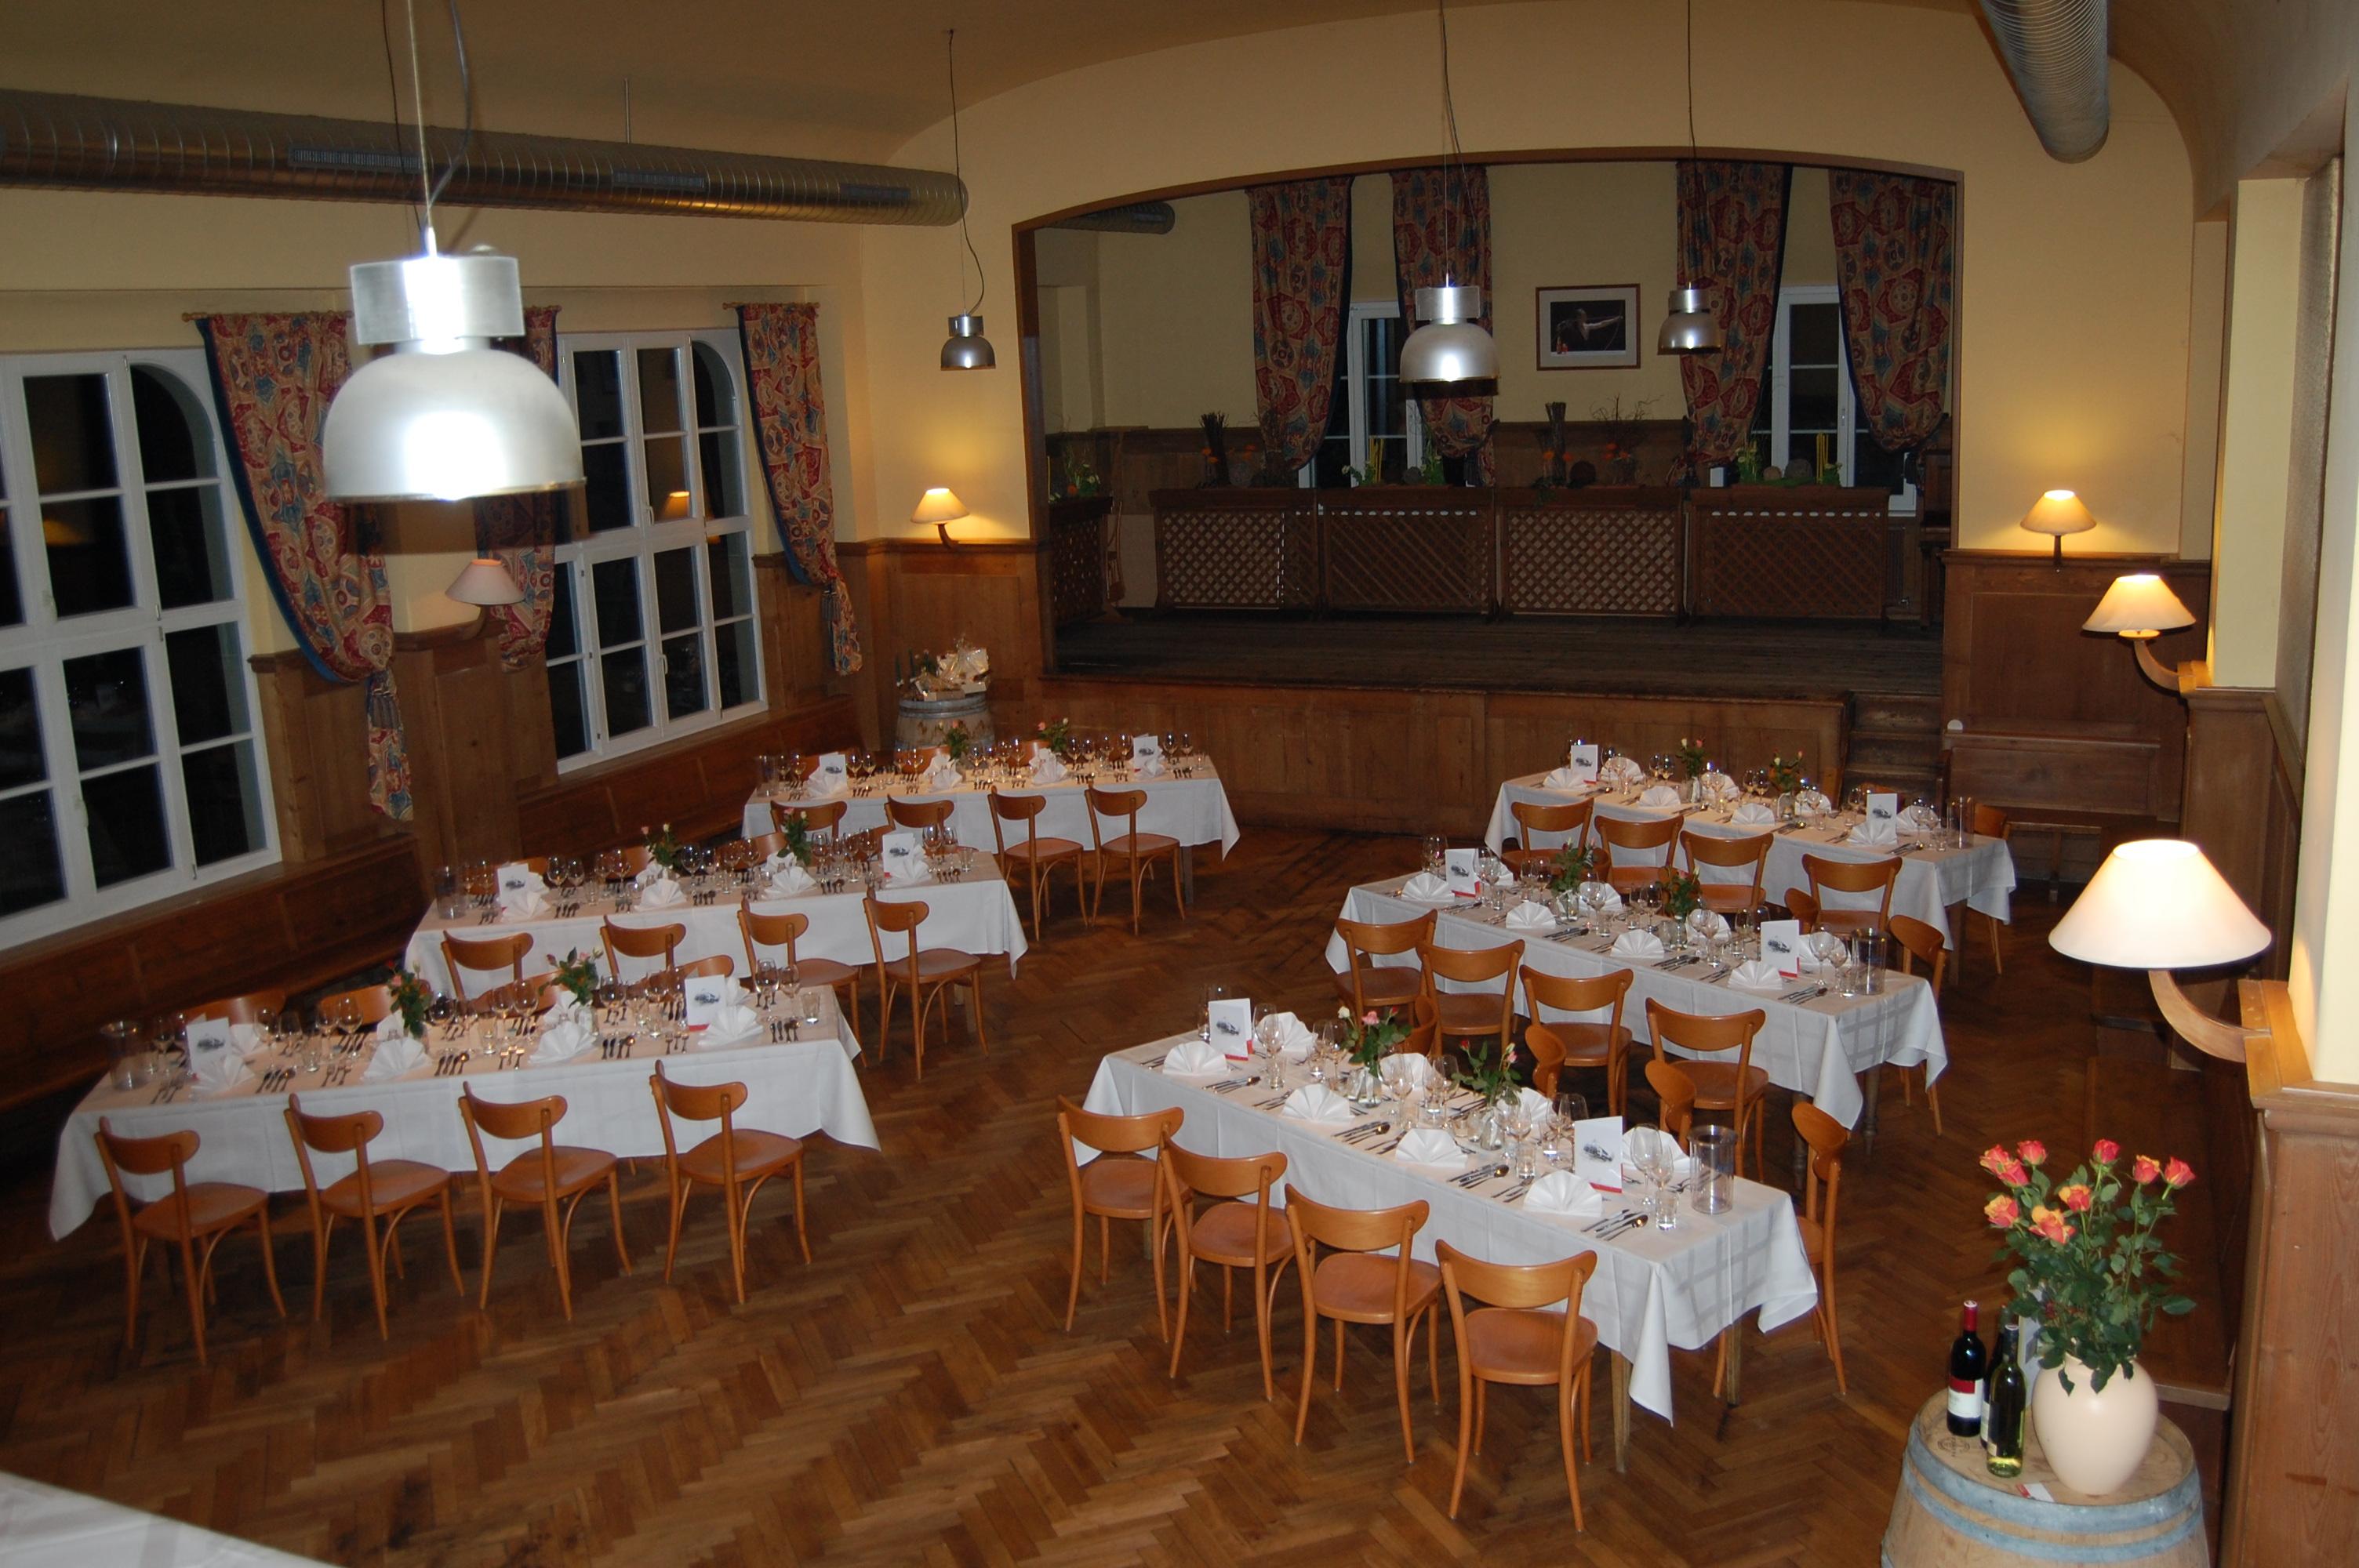 Braugaststätte Löwen Tisis - Saal mieten für Feste, Events